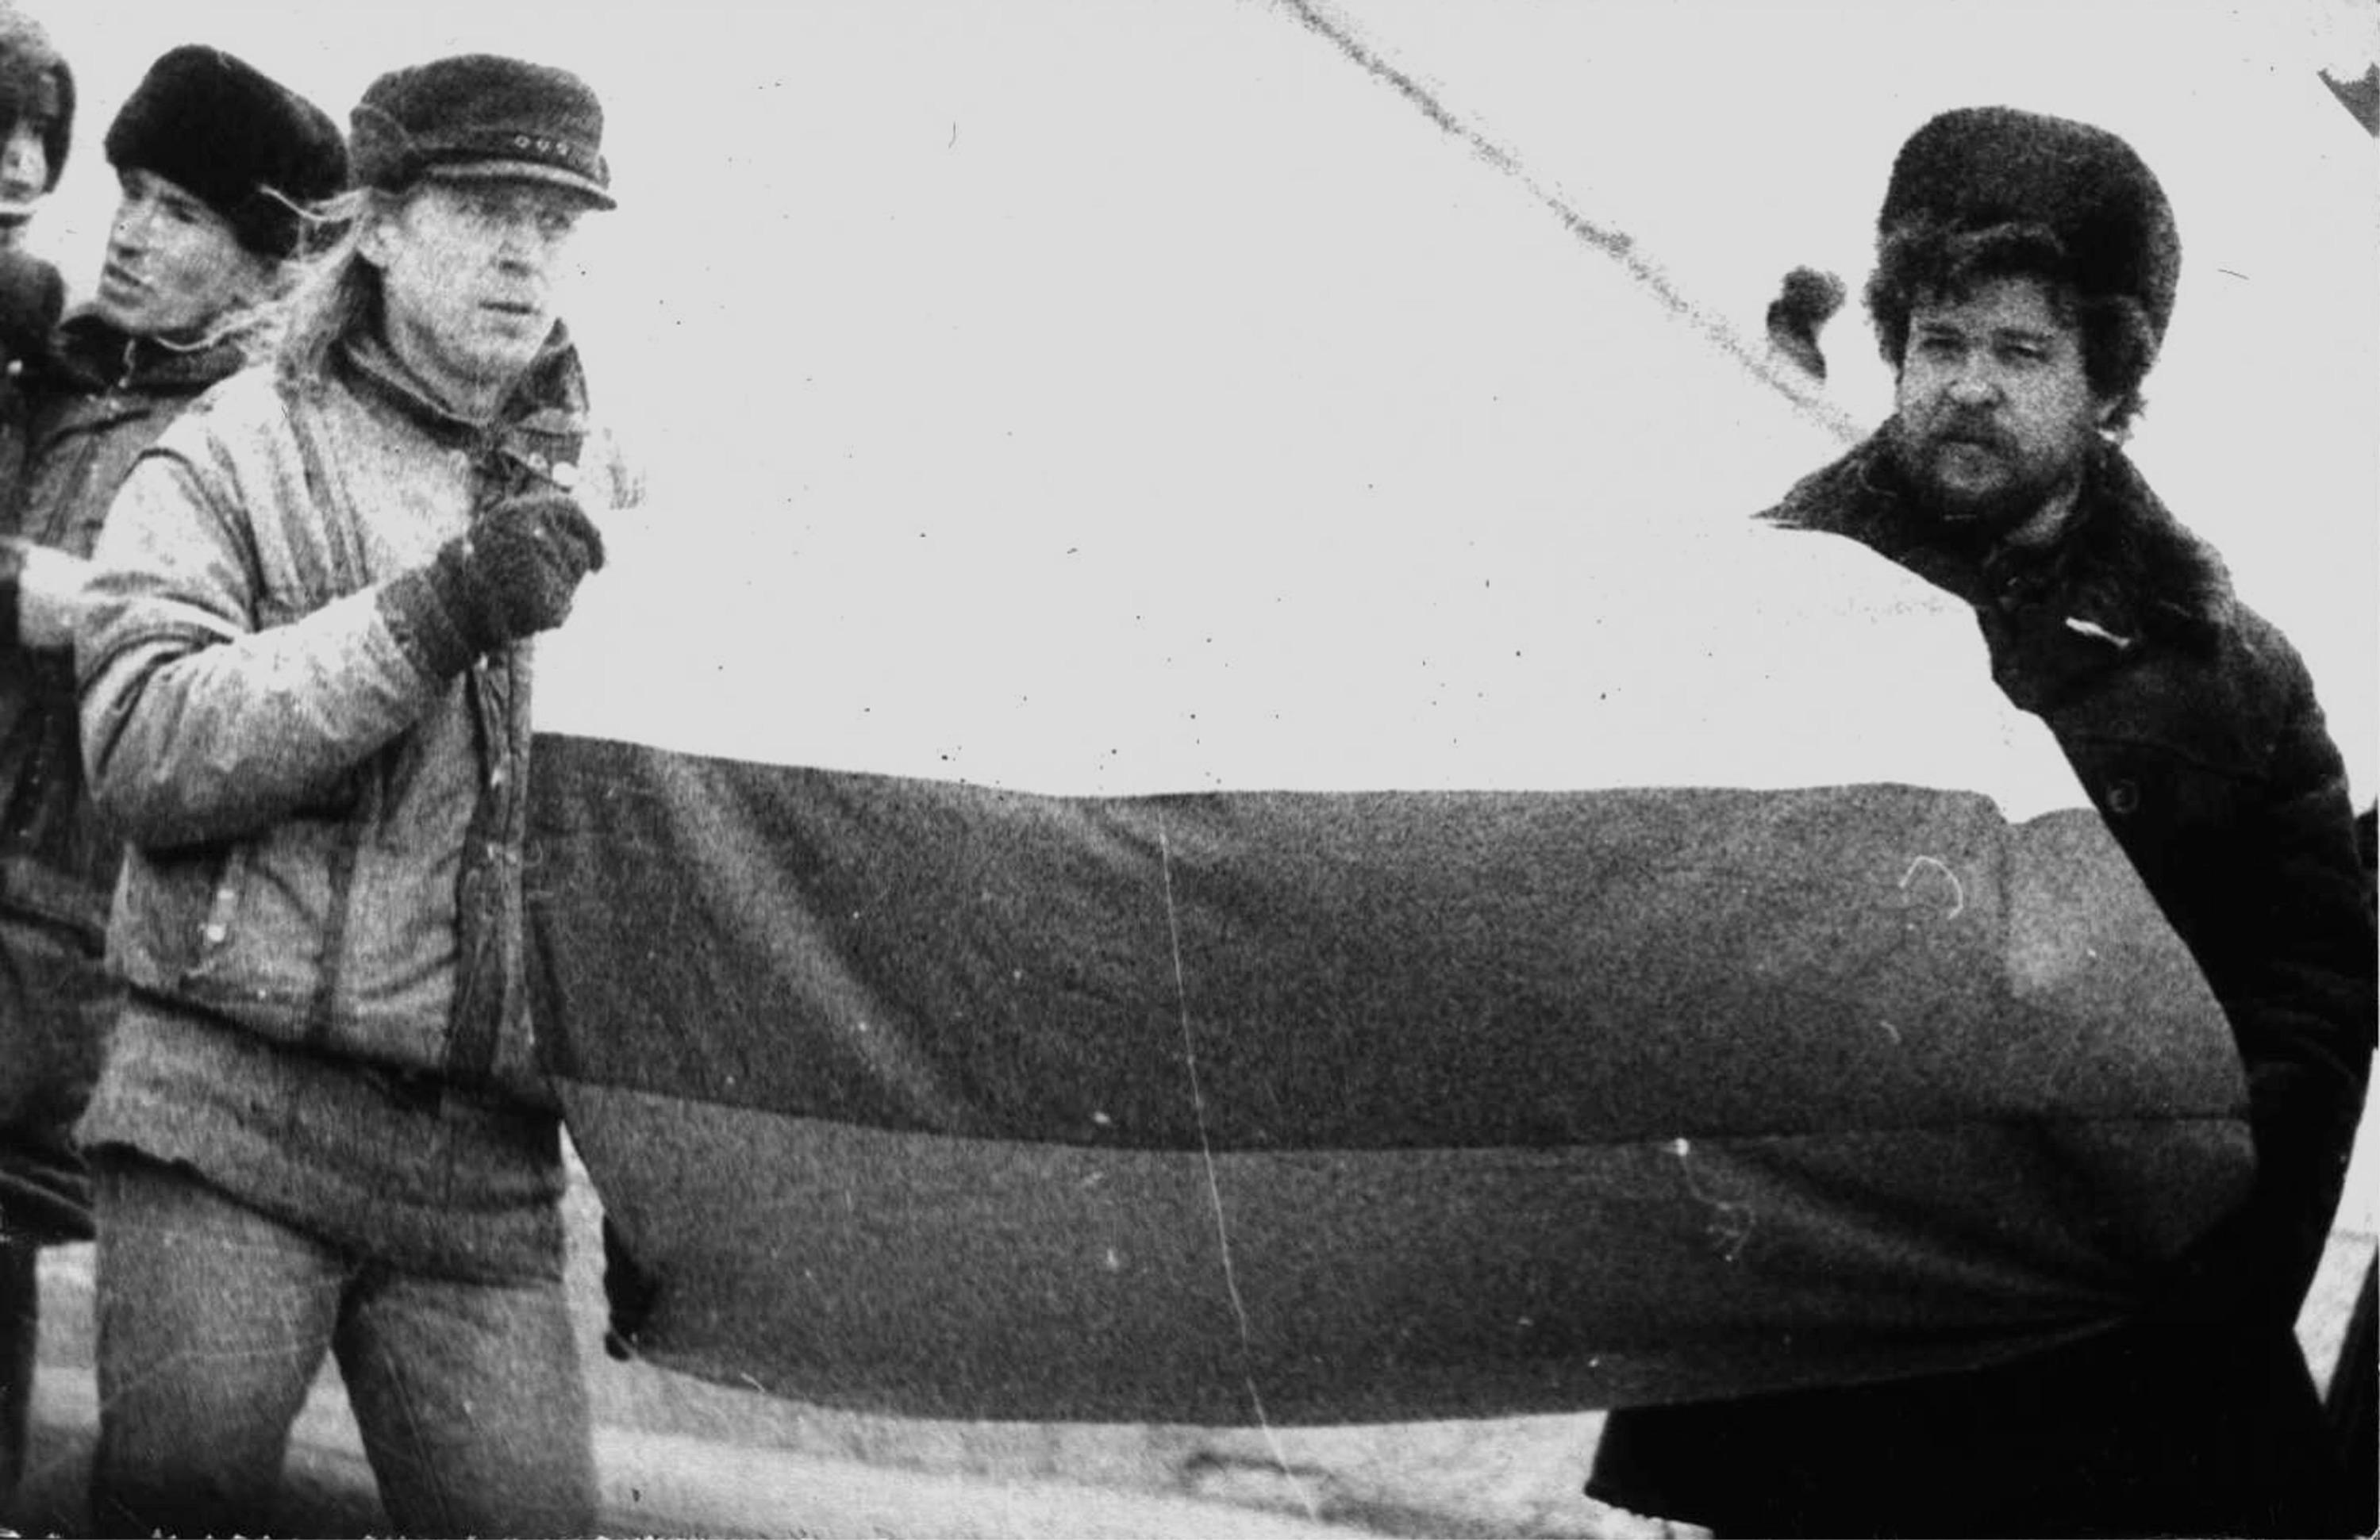 Константин Голодяев (на фото слева) и Андрей Вишняков были первыми в Новосибирске, кто в 1989 году публично подняли российский триколор